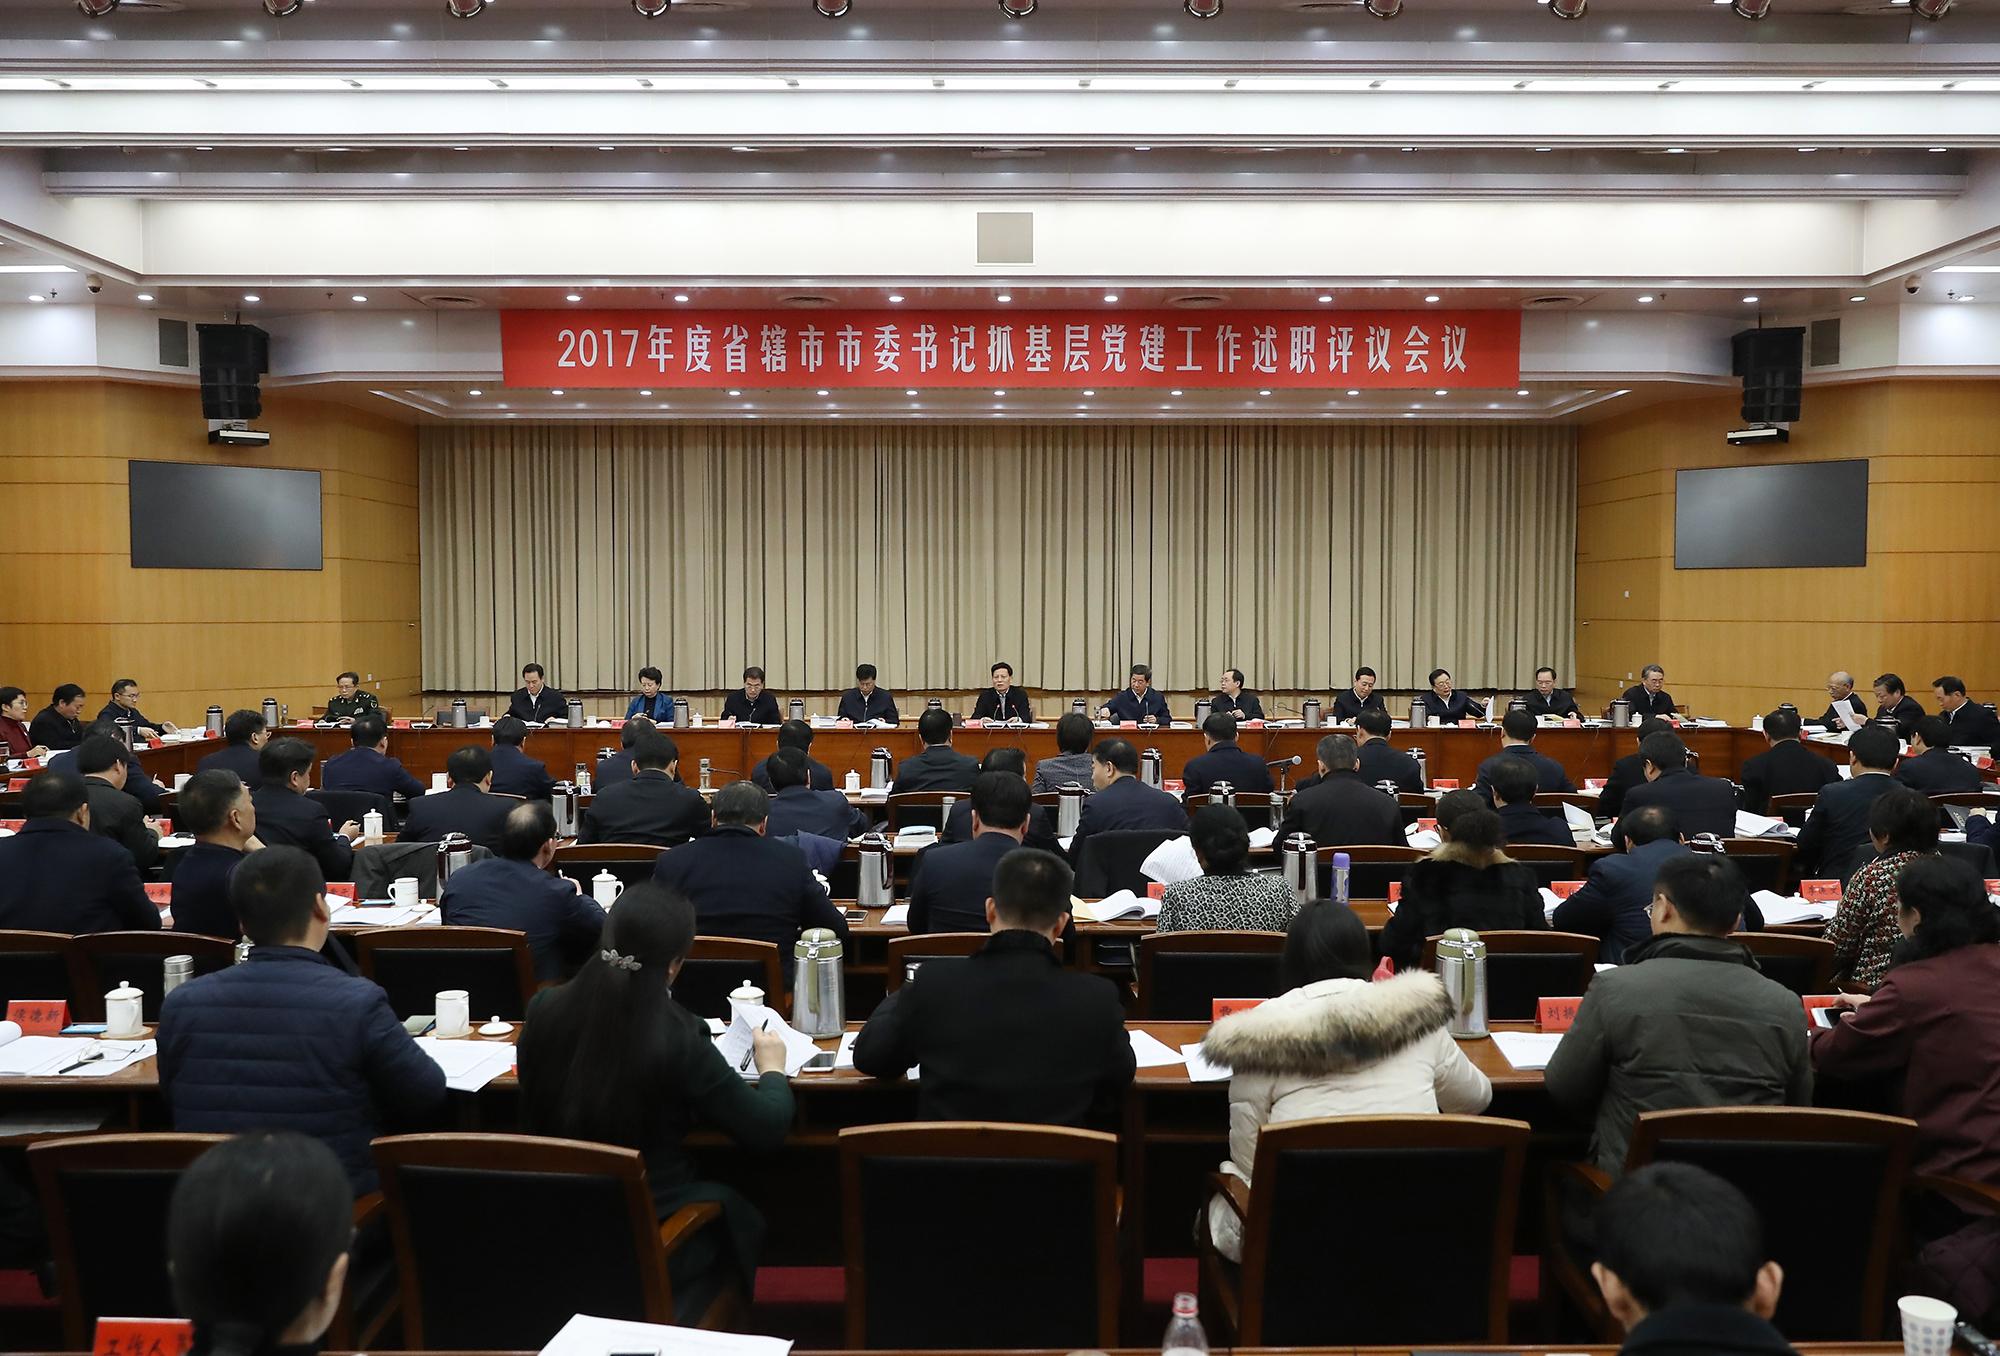 1月10日,2017年度省辖市市委书记抓基层党建工作述职评议会议在郑州召开。河南日报记者 董亮 图